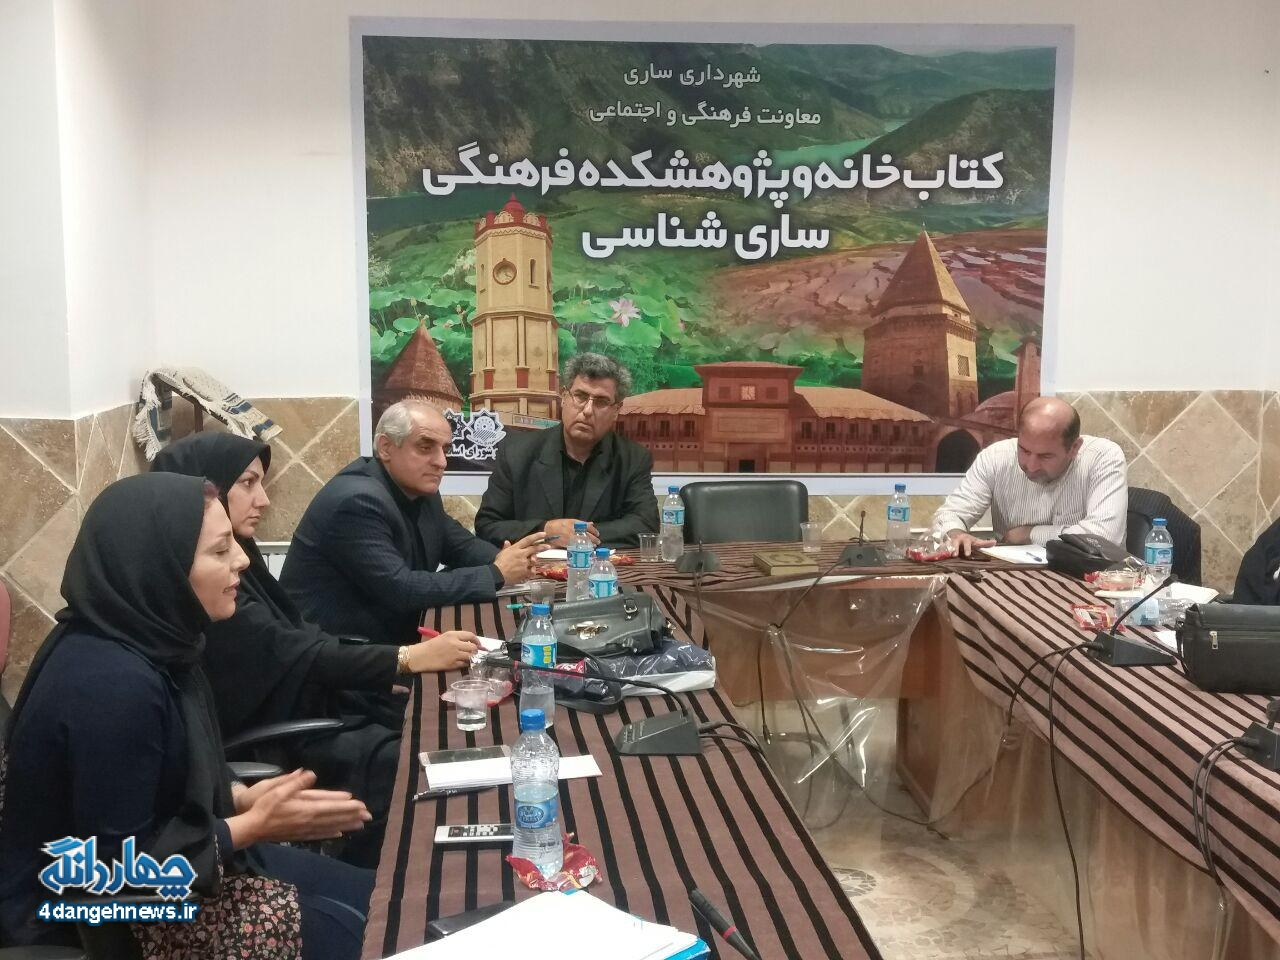 برگزاری نشست ستاد اجرایی بزرگداشت روز مازندران